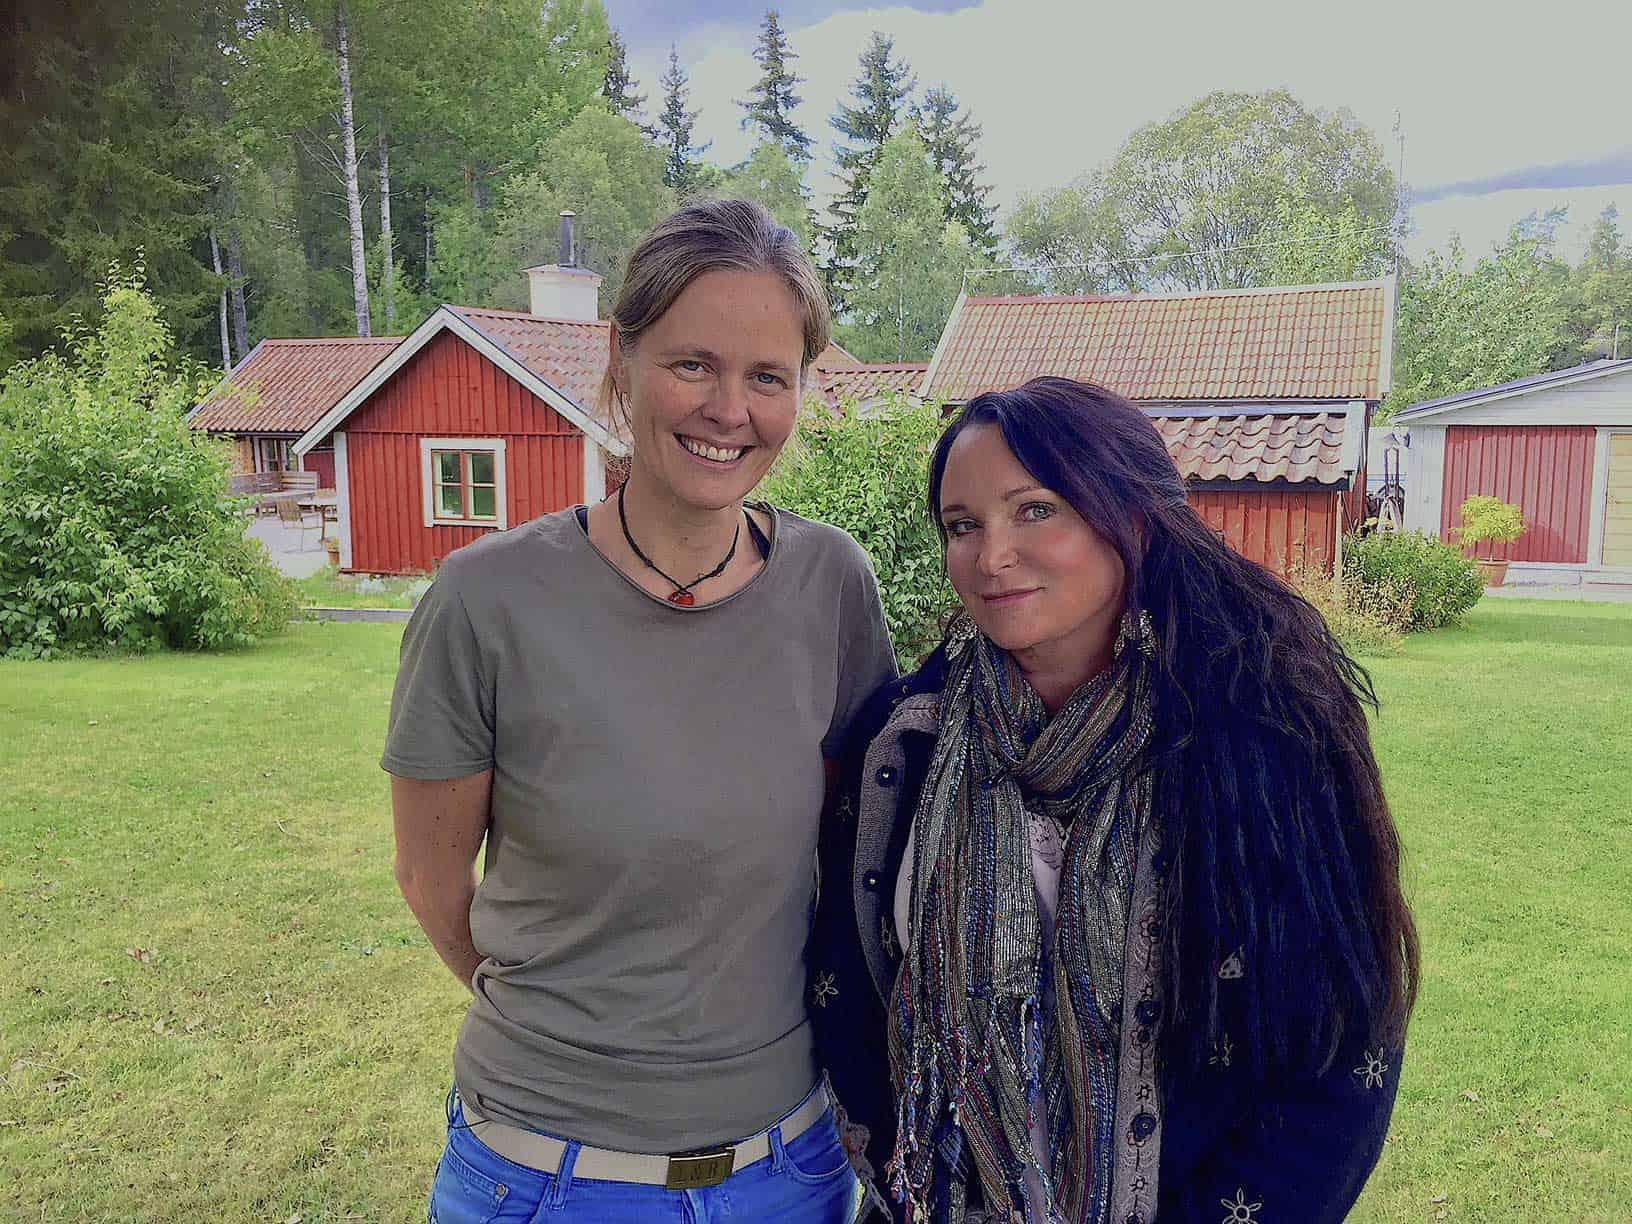 Anna Pella och Anja Kontor. Foto: SVT.